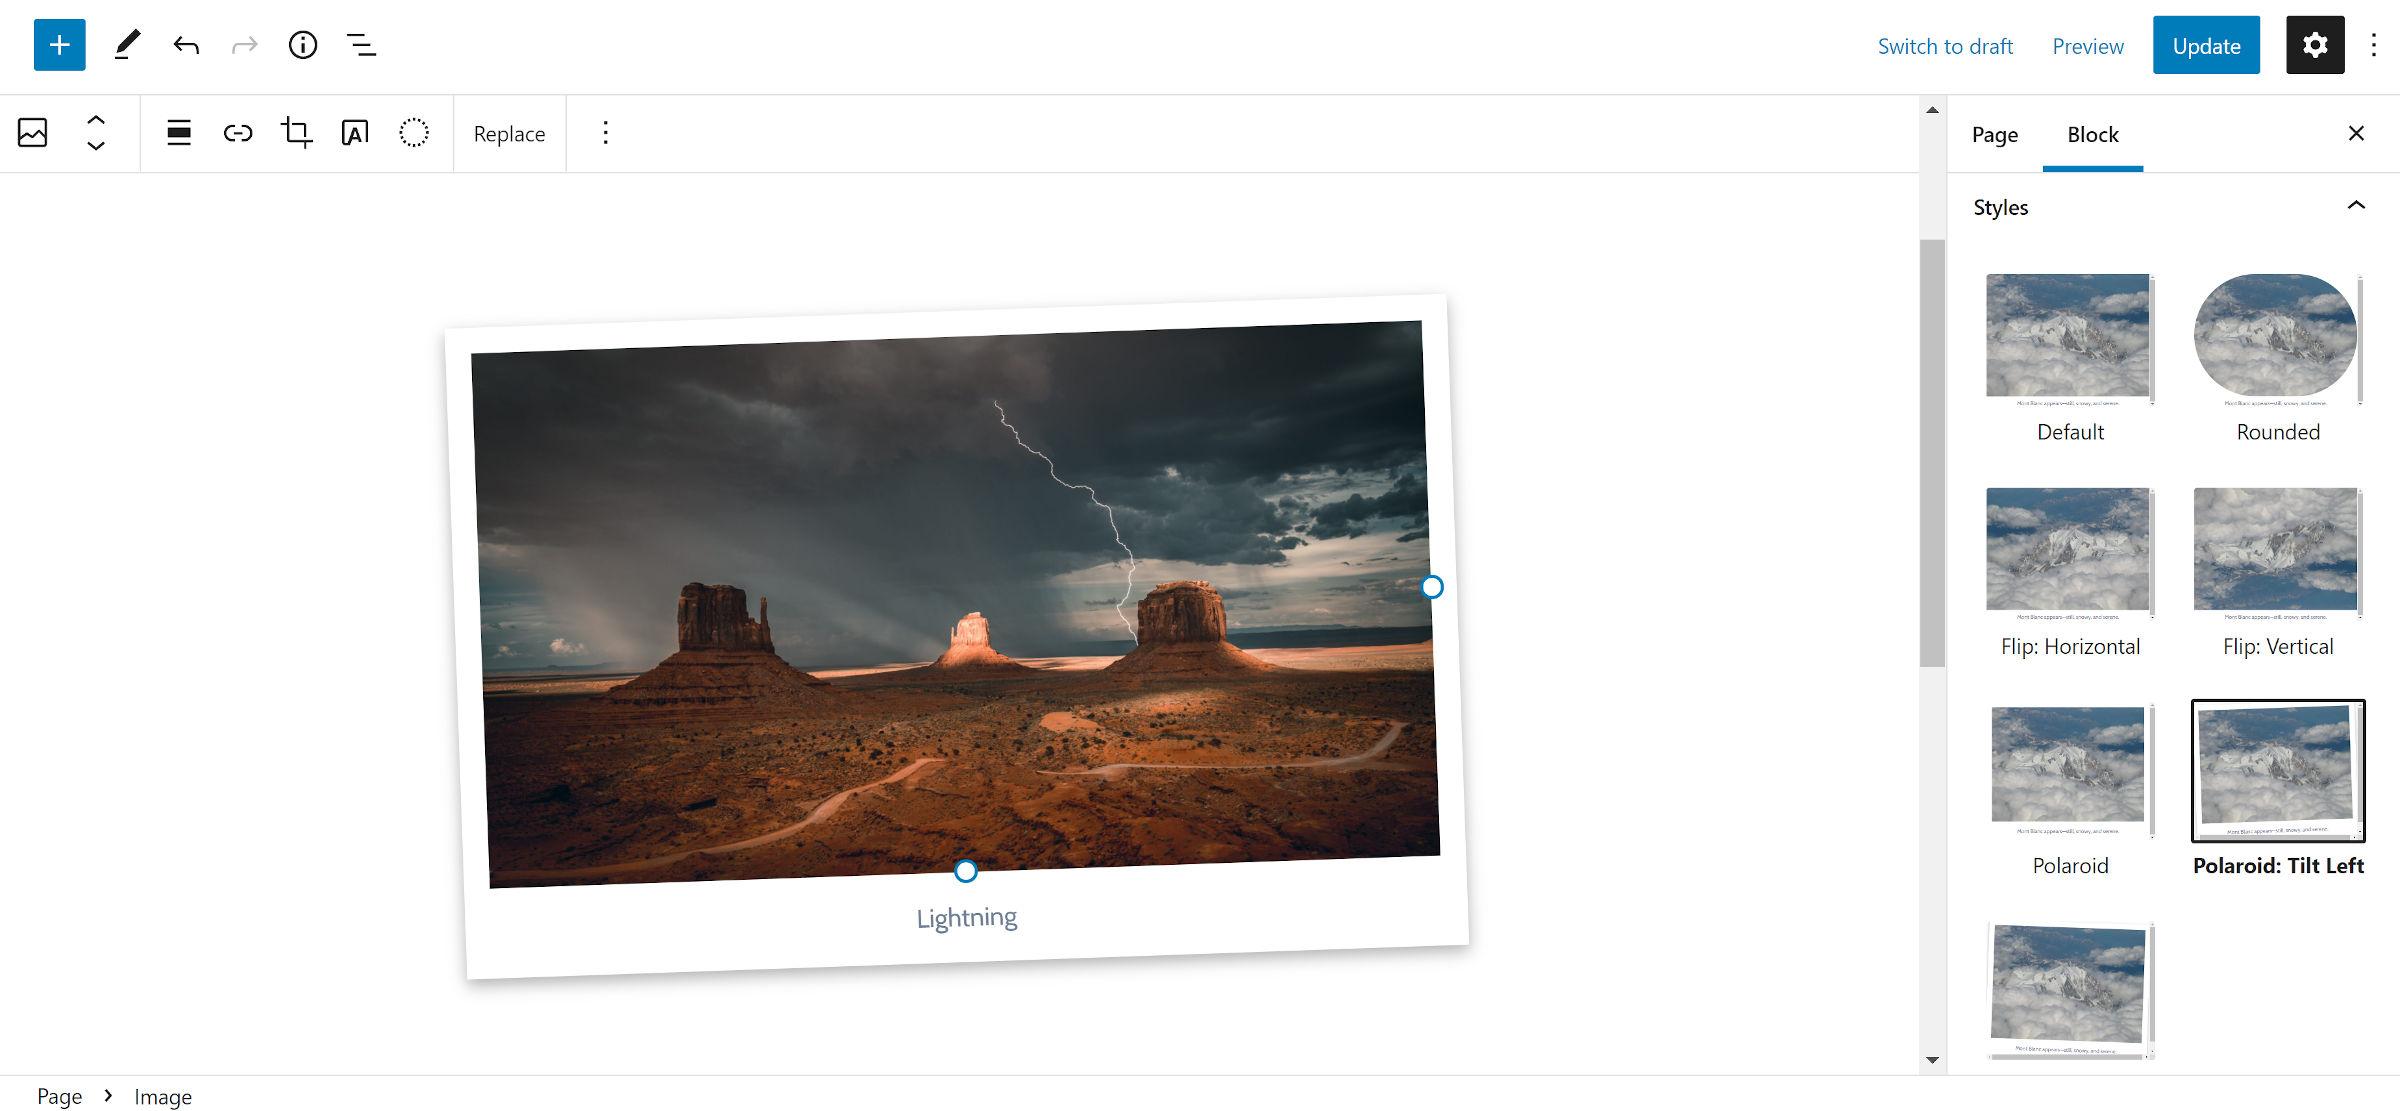 Style de bloc pour le bloc WordPress Image.  Sélectionné est une conception de cadre de style Polaroid qui est inclinée vers la gauche.